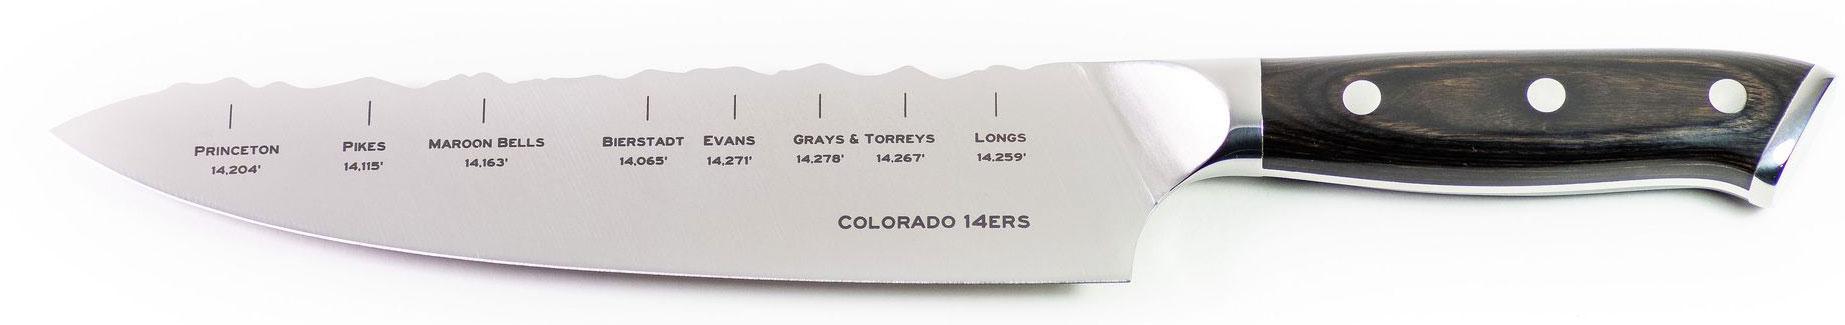 Peak Knife Company Colorado 14ers Chef's Knife